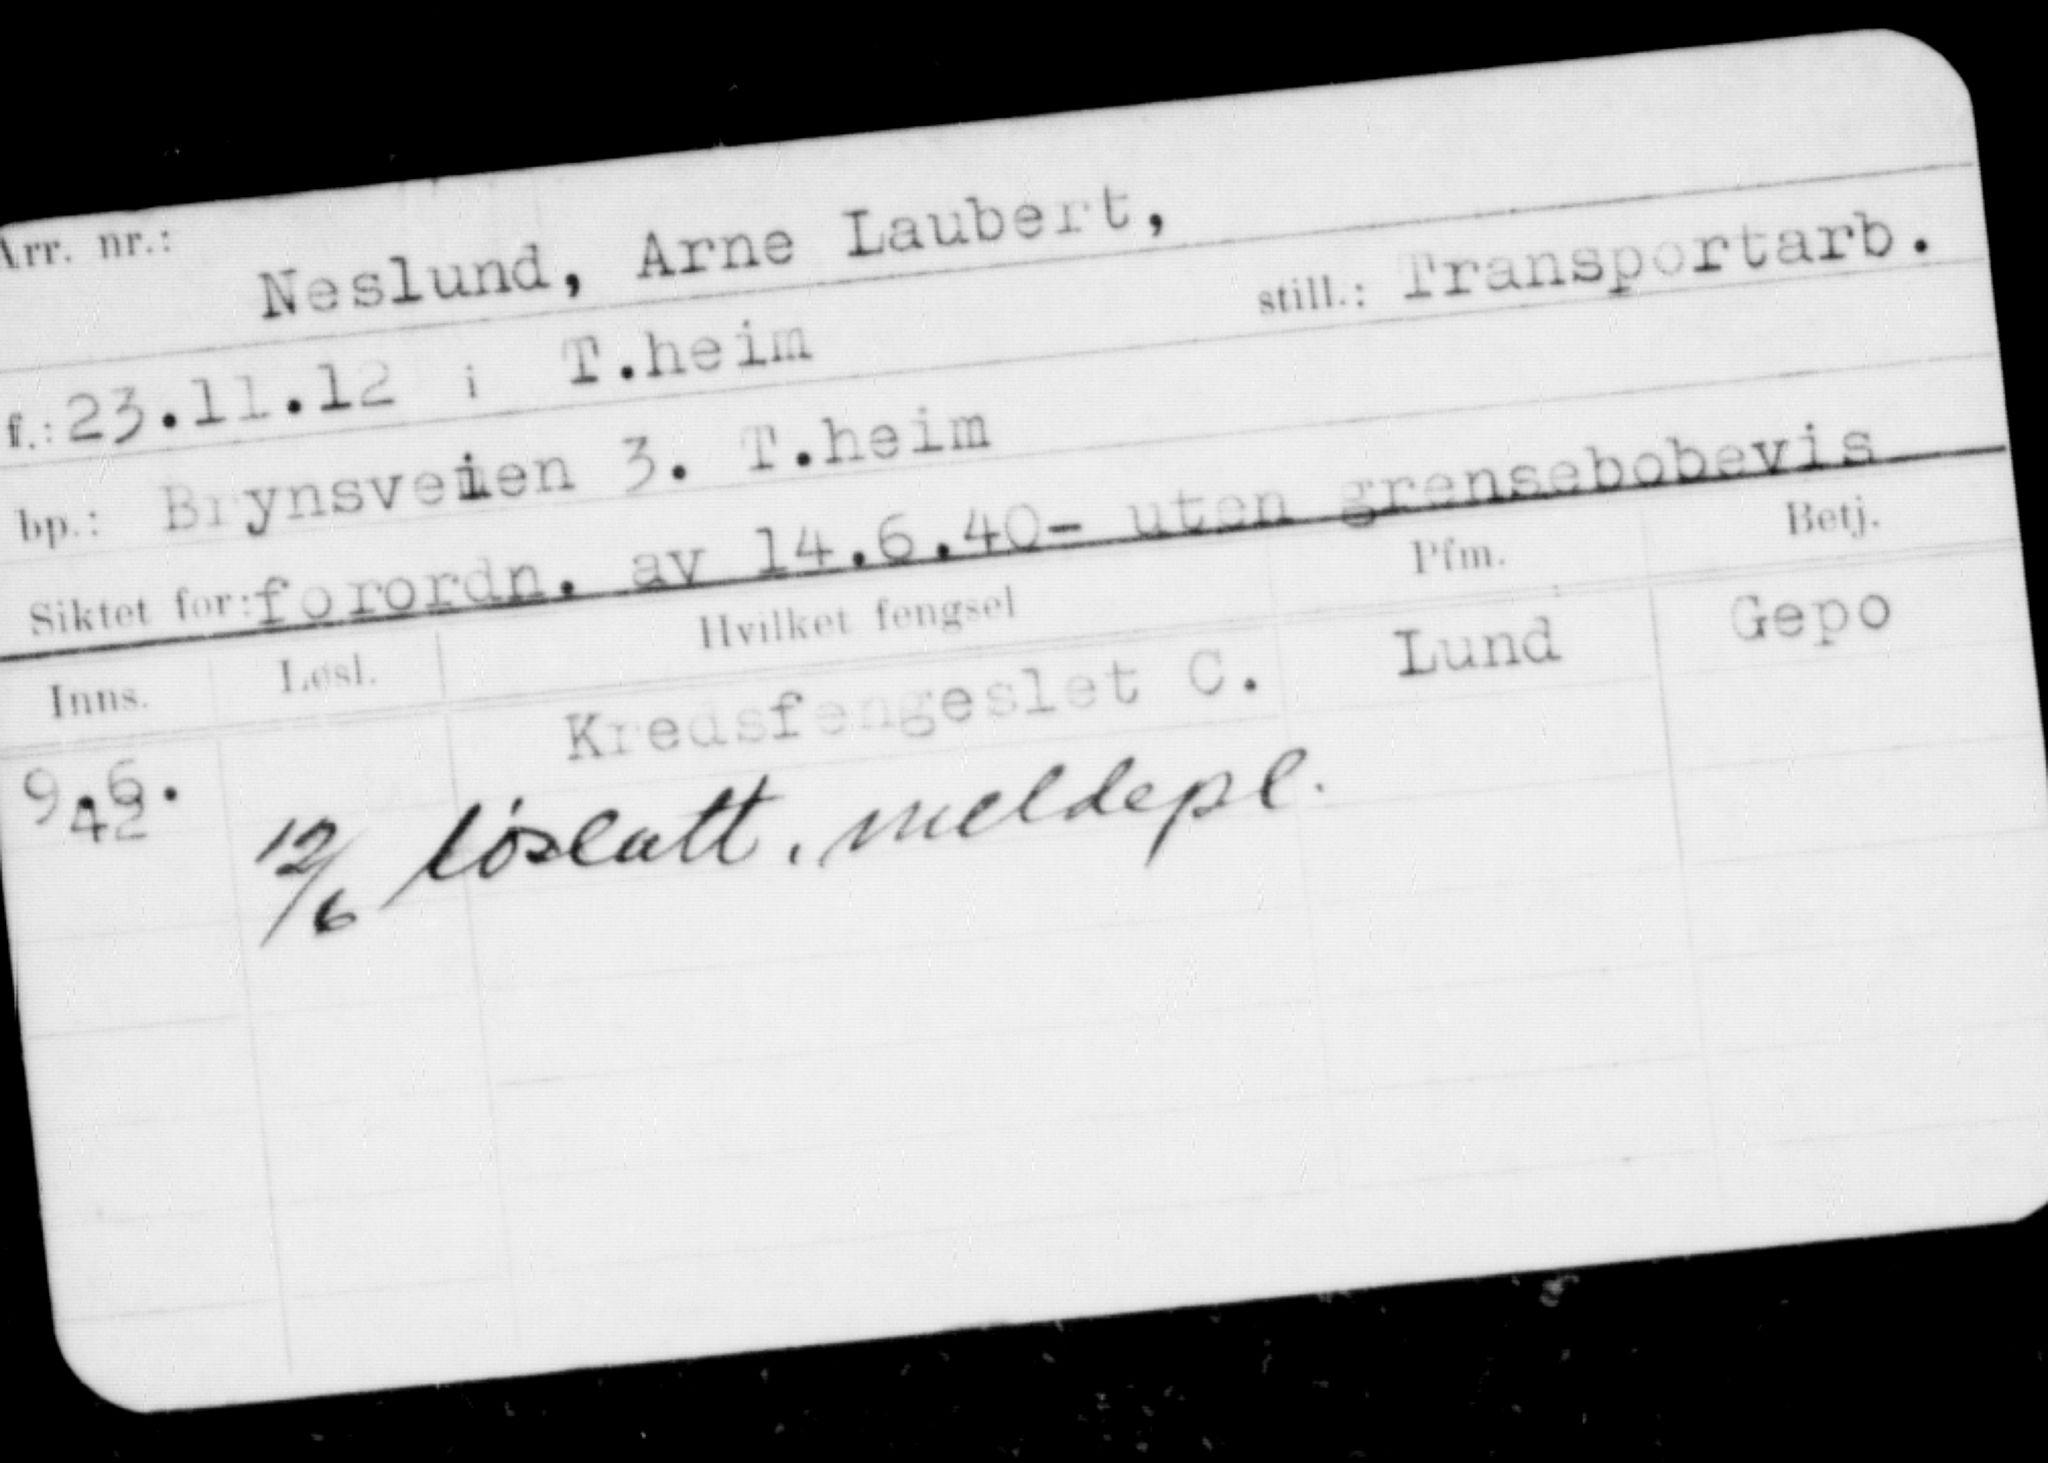 RA, Befehlshaber der Sicherheitspolizei und des SD, F/Fc/L0009: Fangeregister Falstad: Neslund og Nest - P, 1941-1945